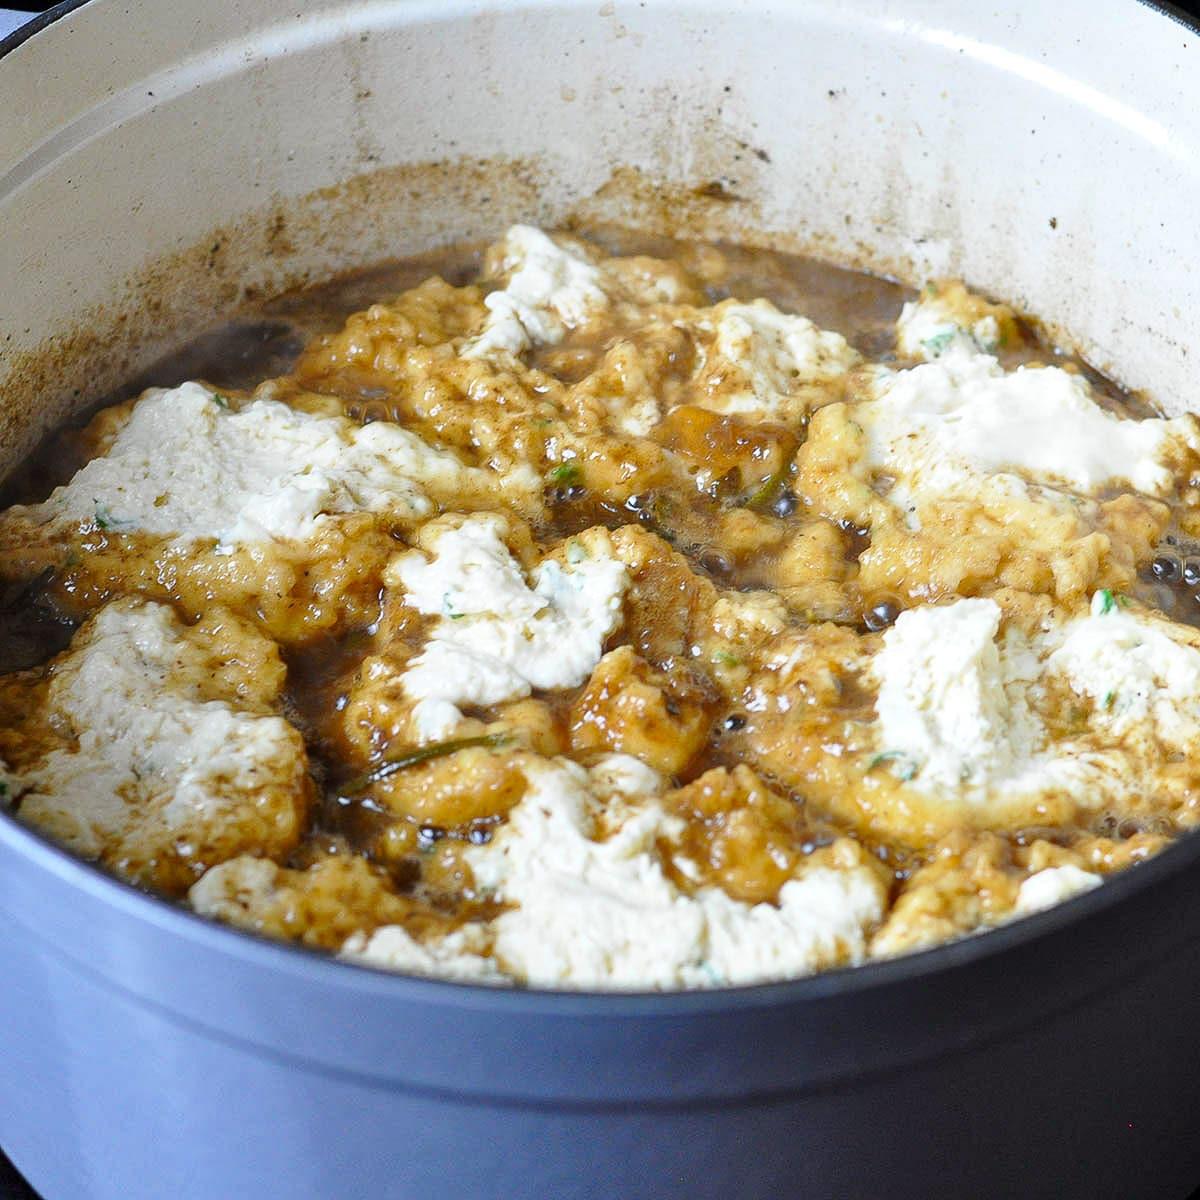 dumplings cooking in beef broth